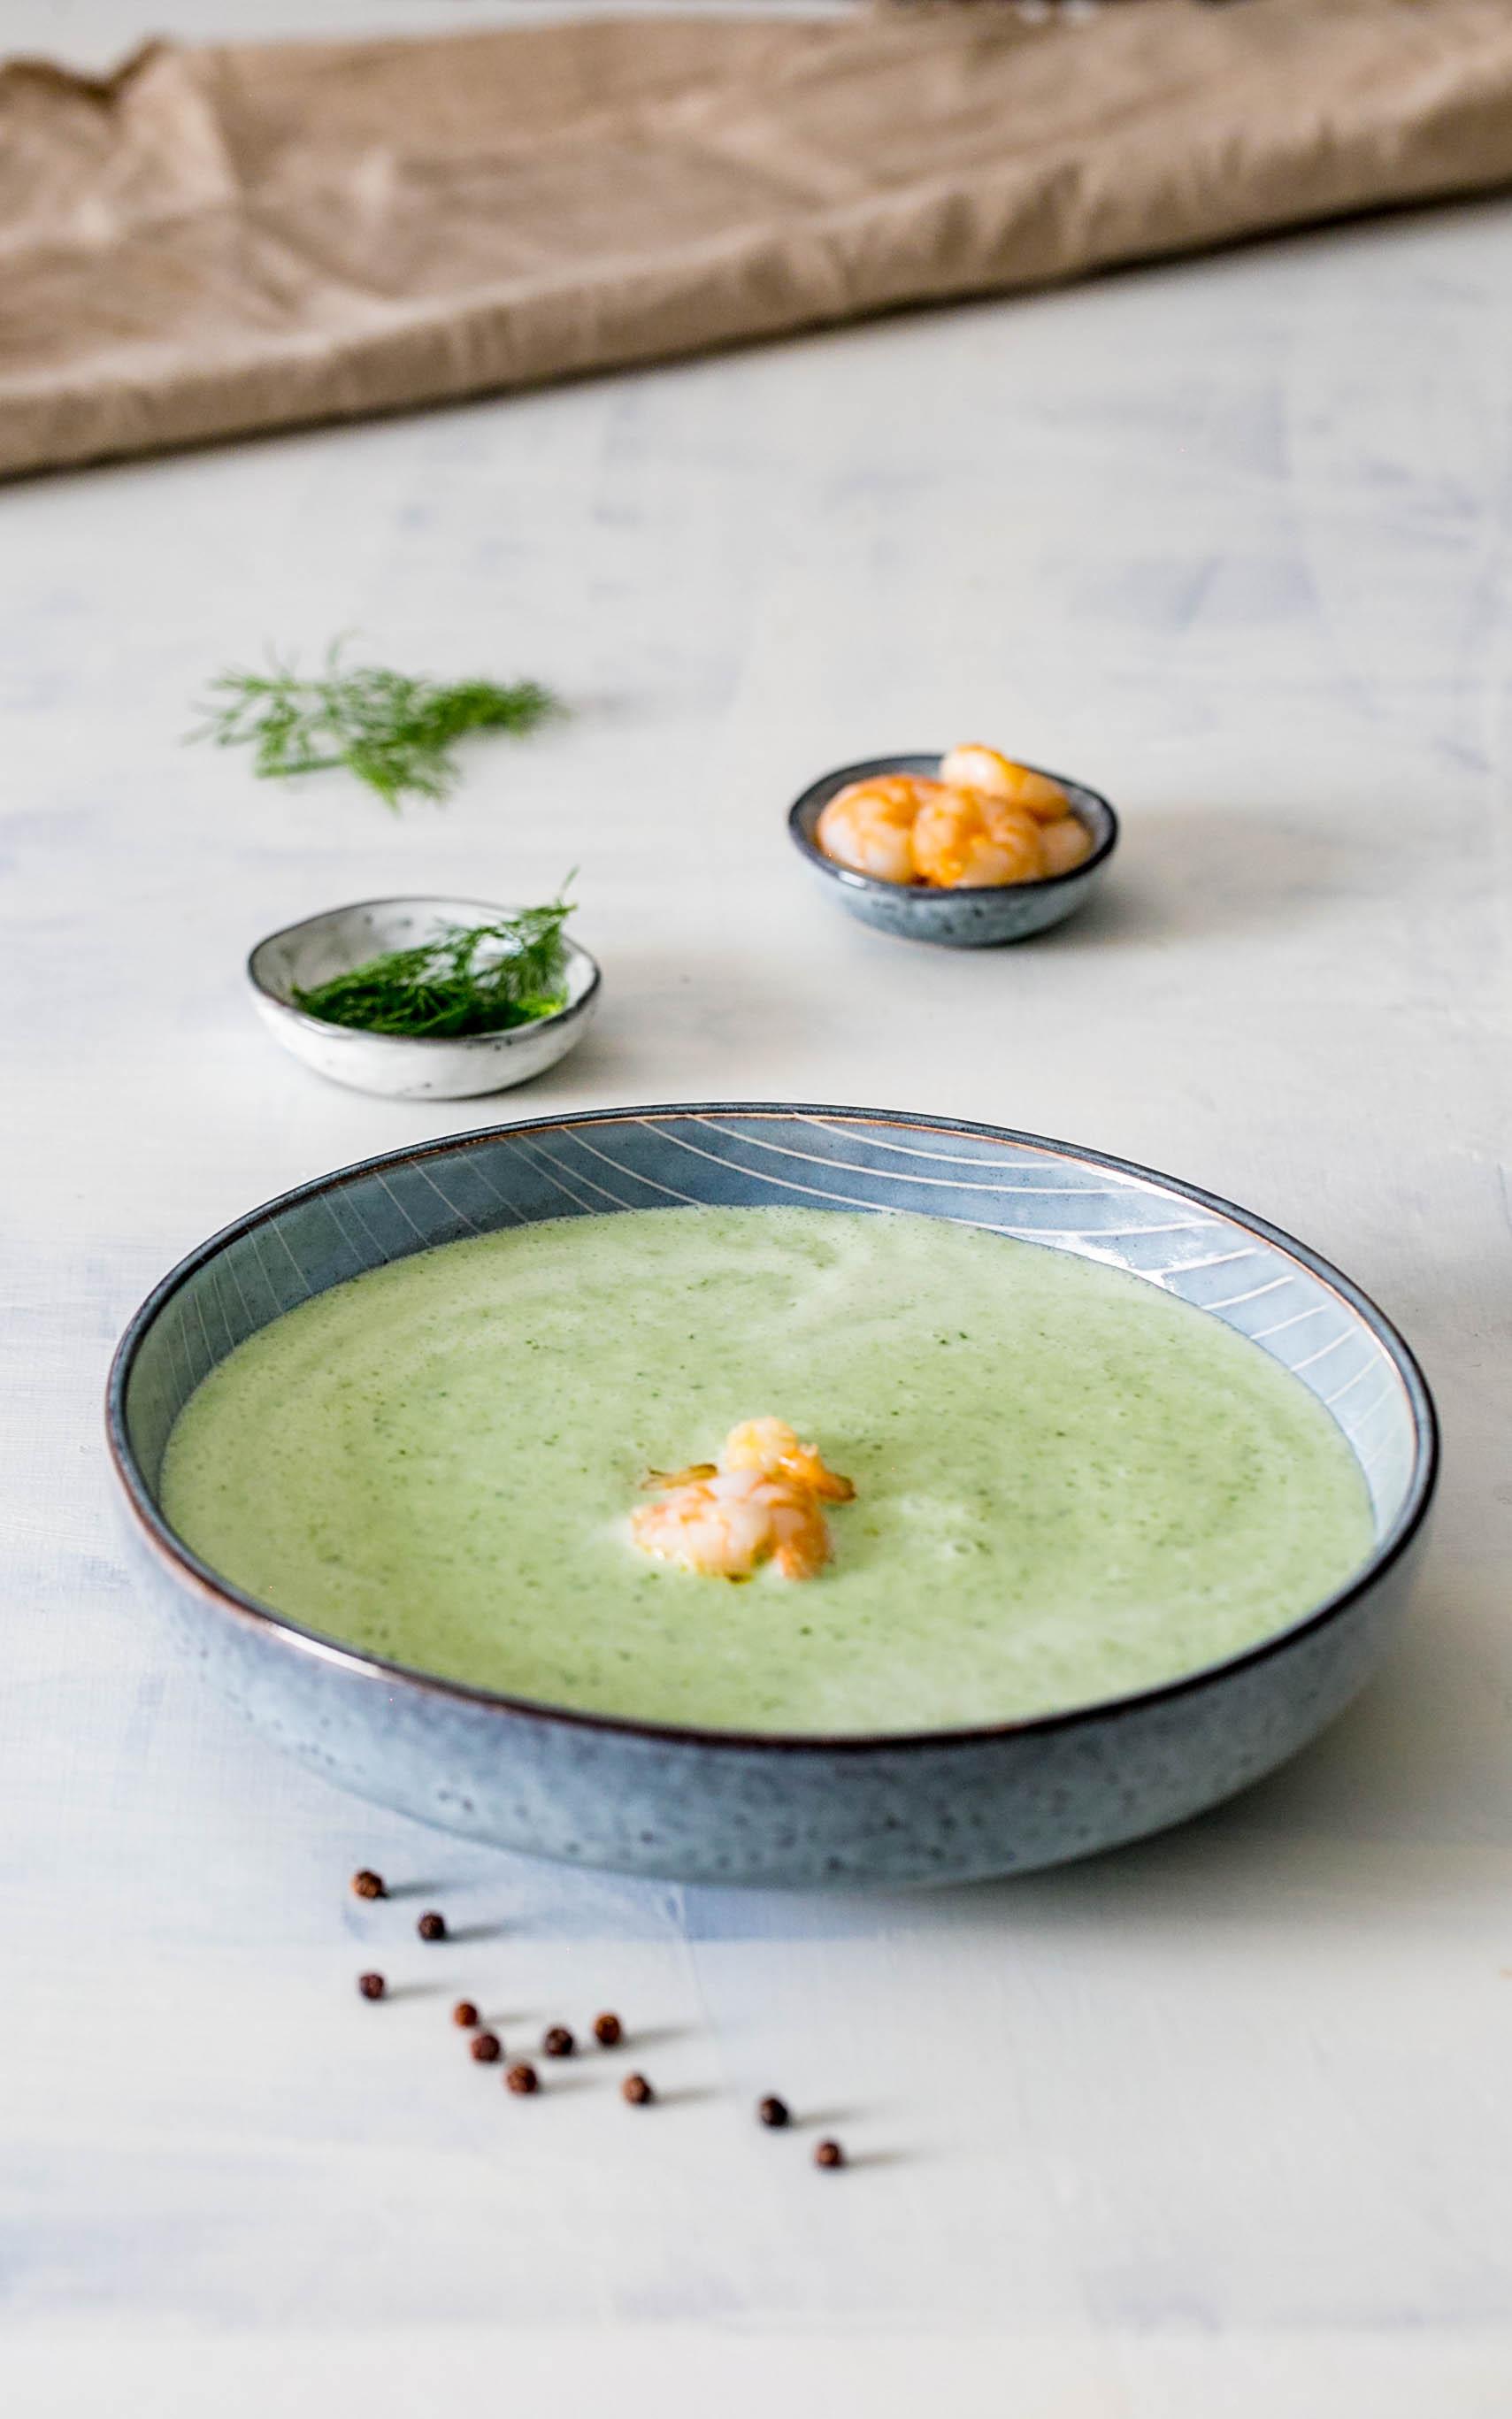 Erfrischende Joghurt-Gurken-Suppe